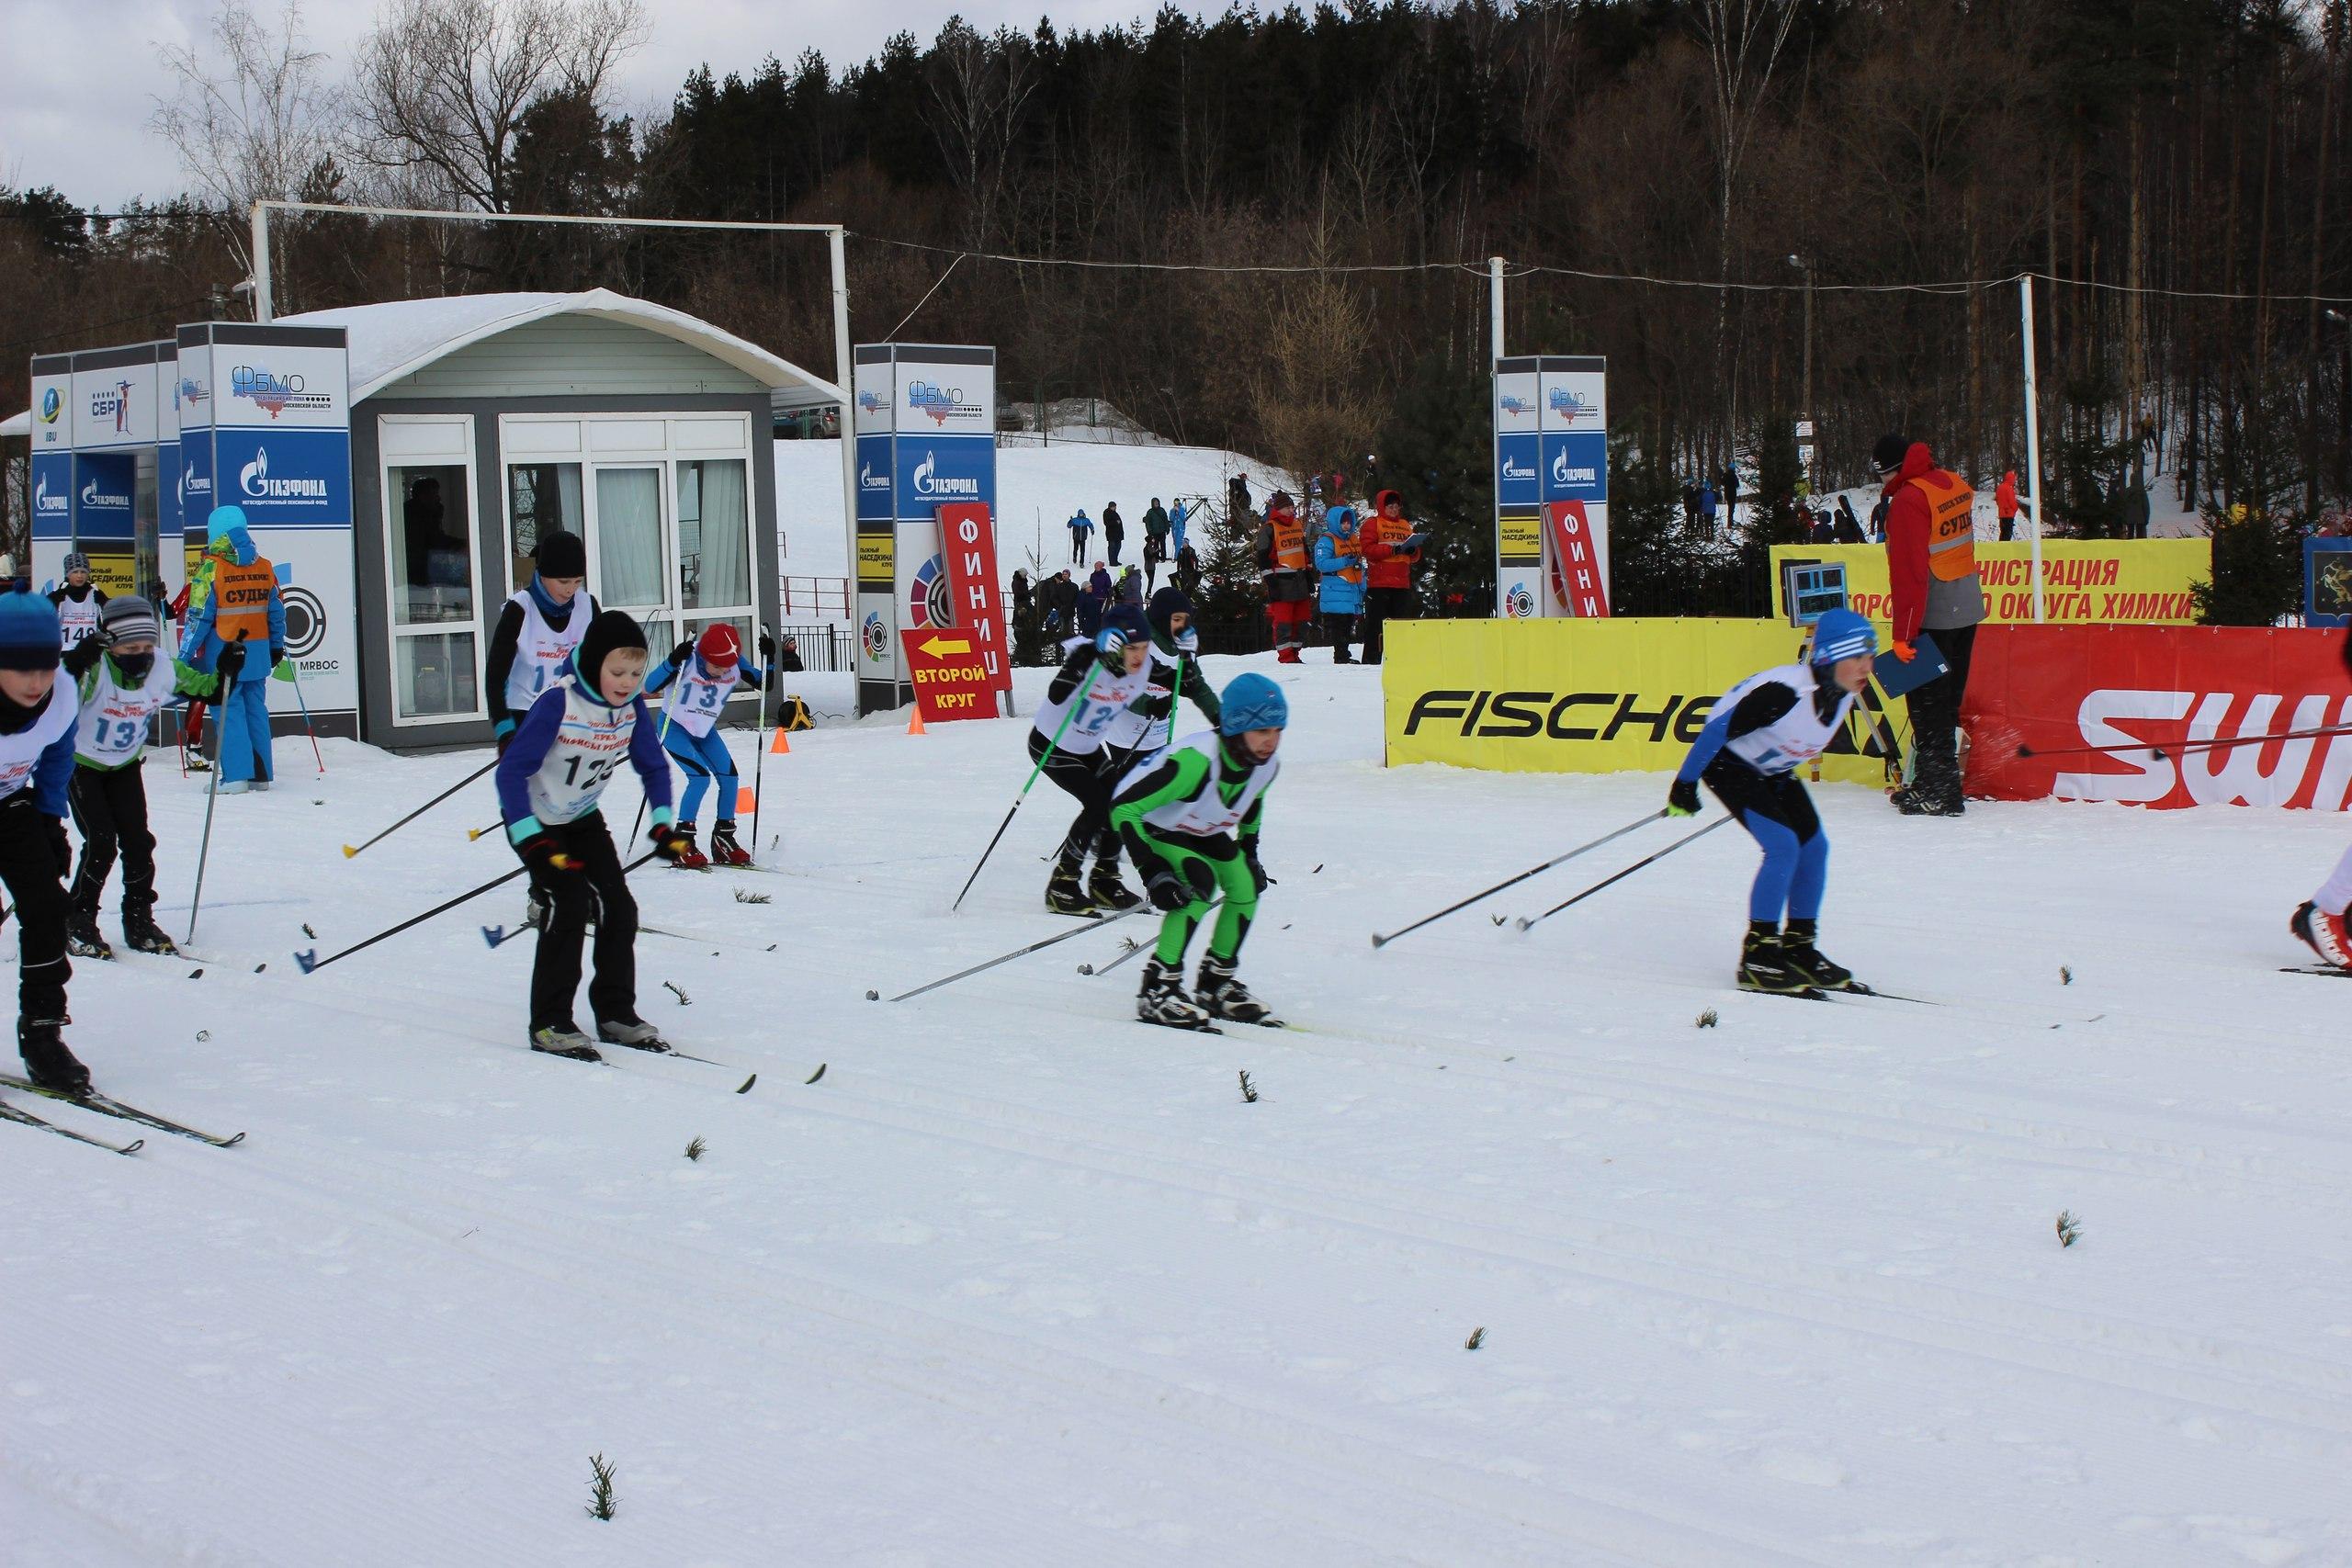 Лыжный стадион имени Анфисы Резцовой